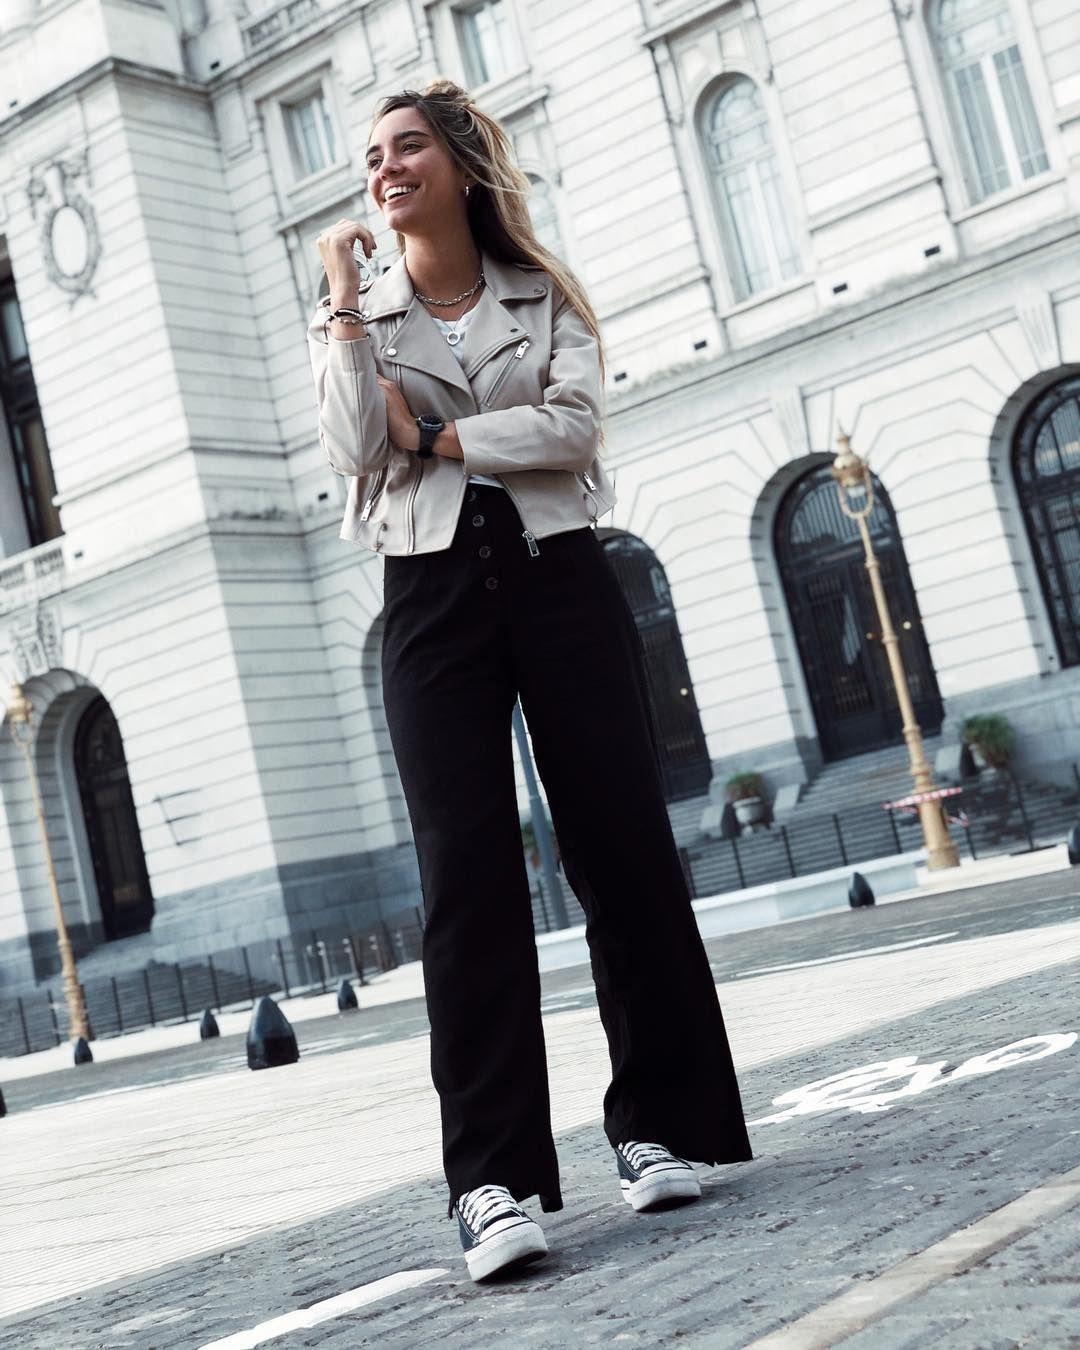 Seguimos Con La Onda De Pantalones Anchos Son Un Camino De Ida Quiero Decir Son Muy Comodos Quie Ropa Trajes De Pantalon Ropa De Mujer